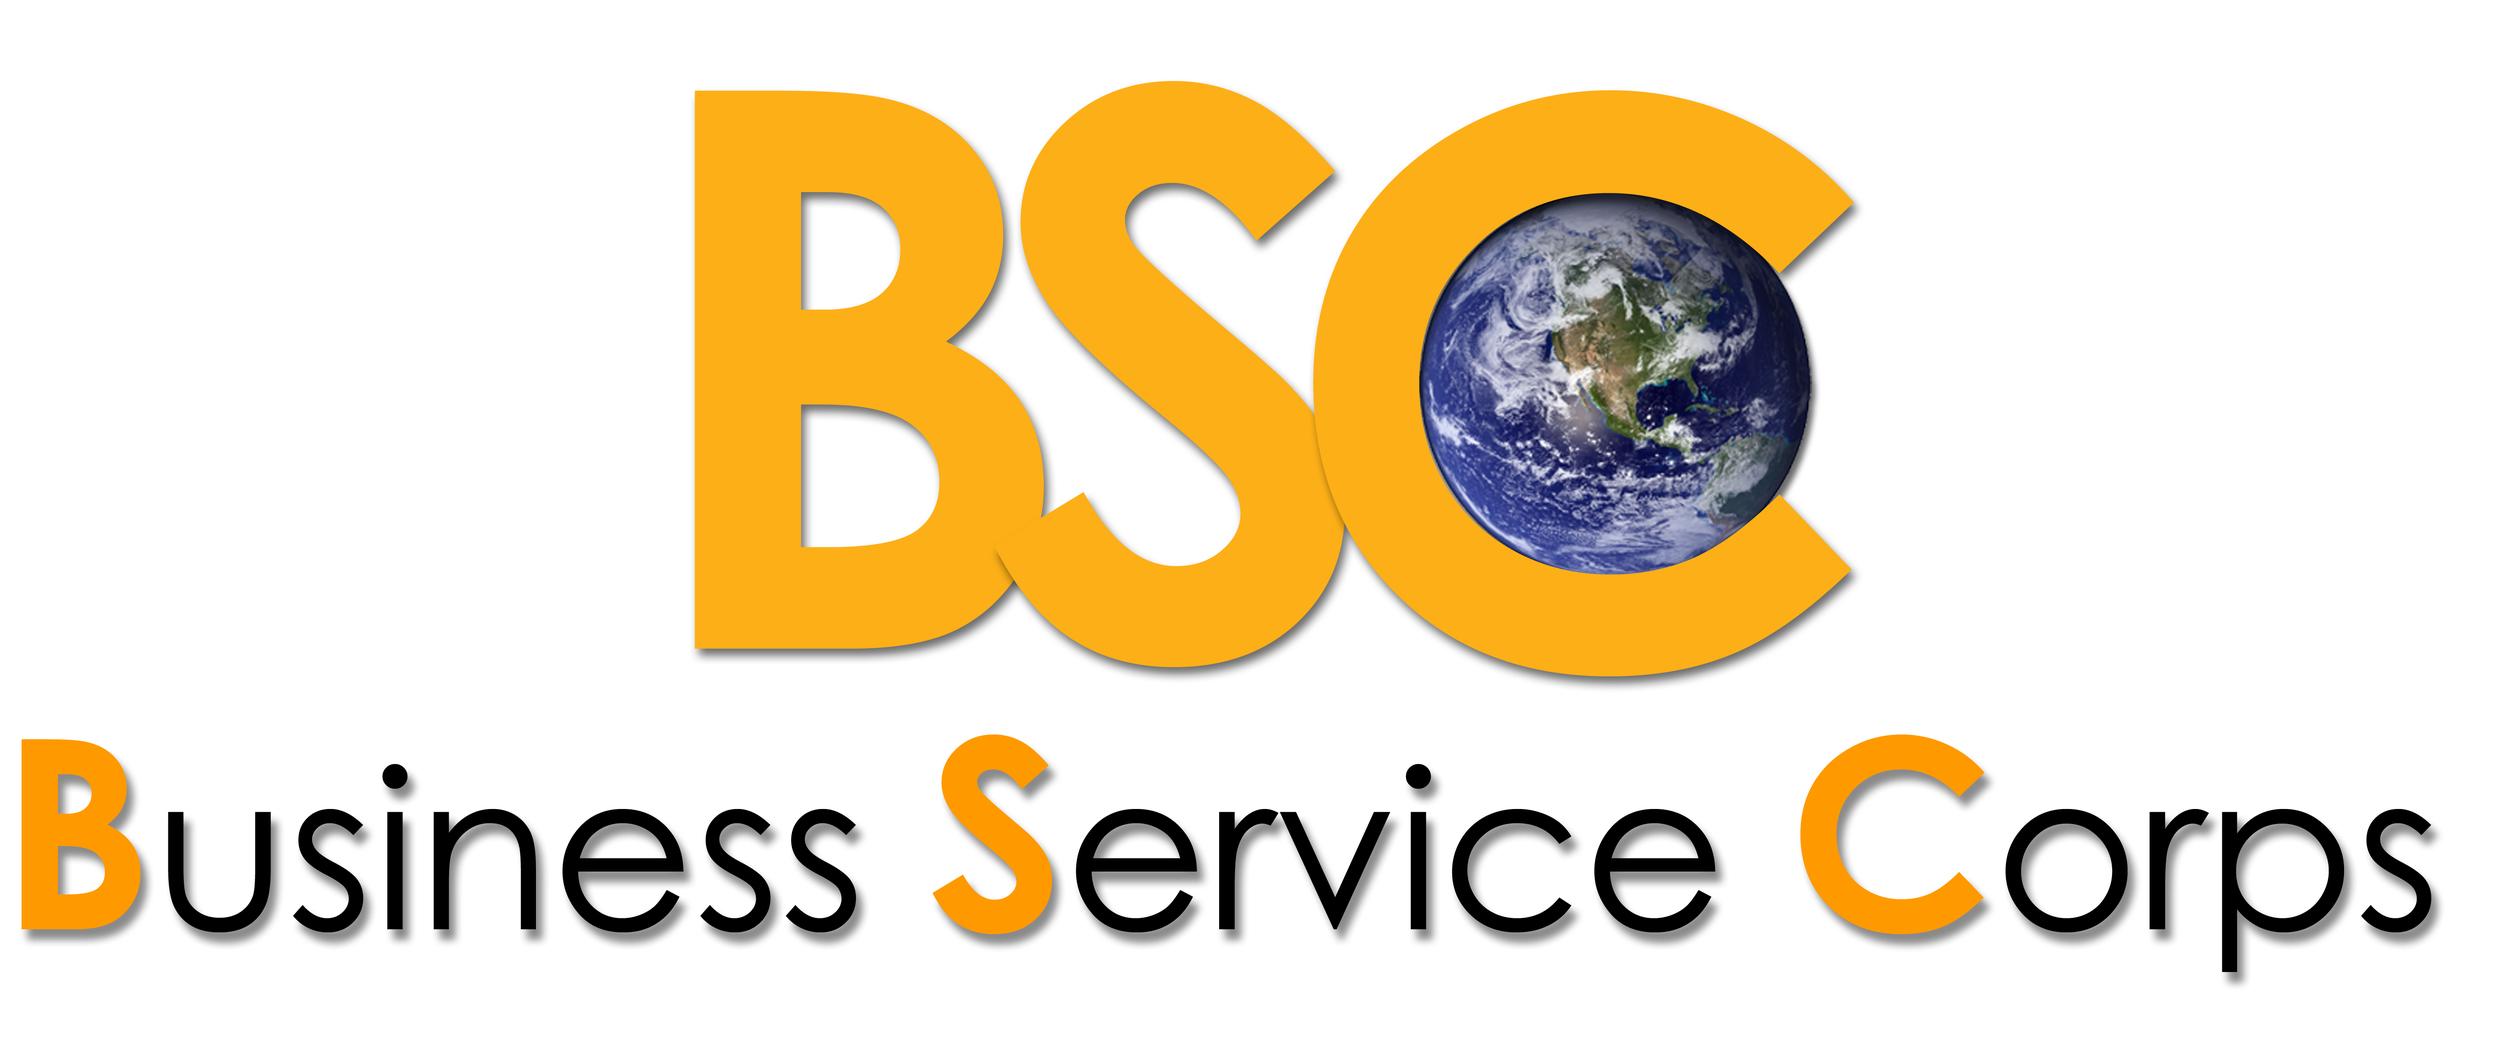 BSC_logo (2)